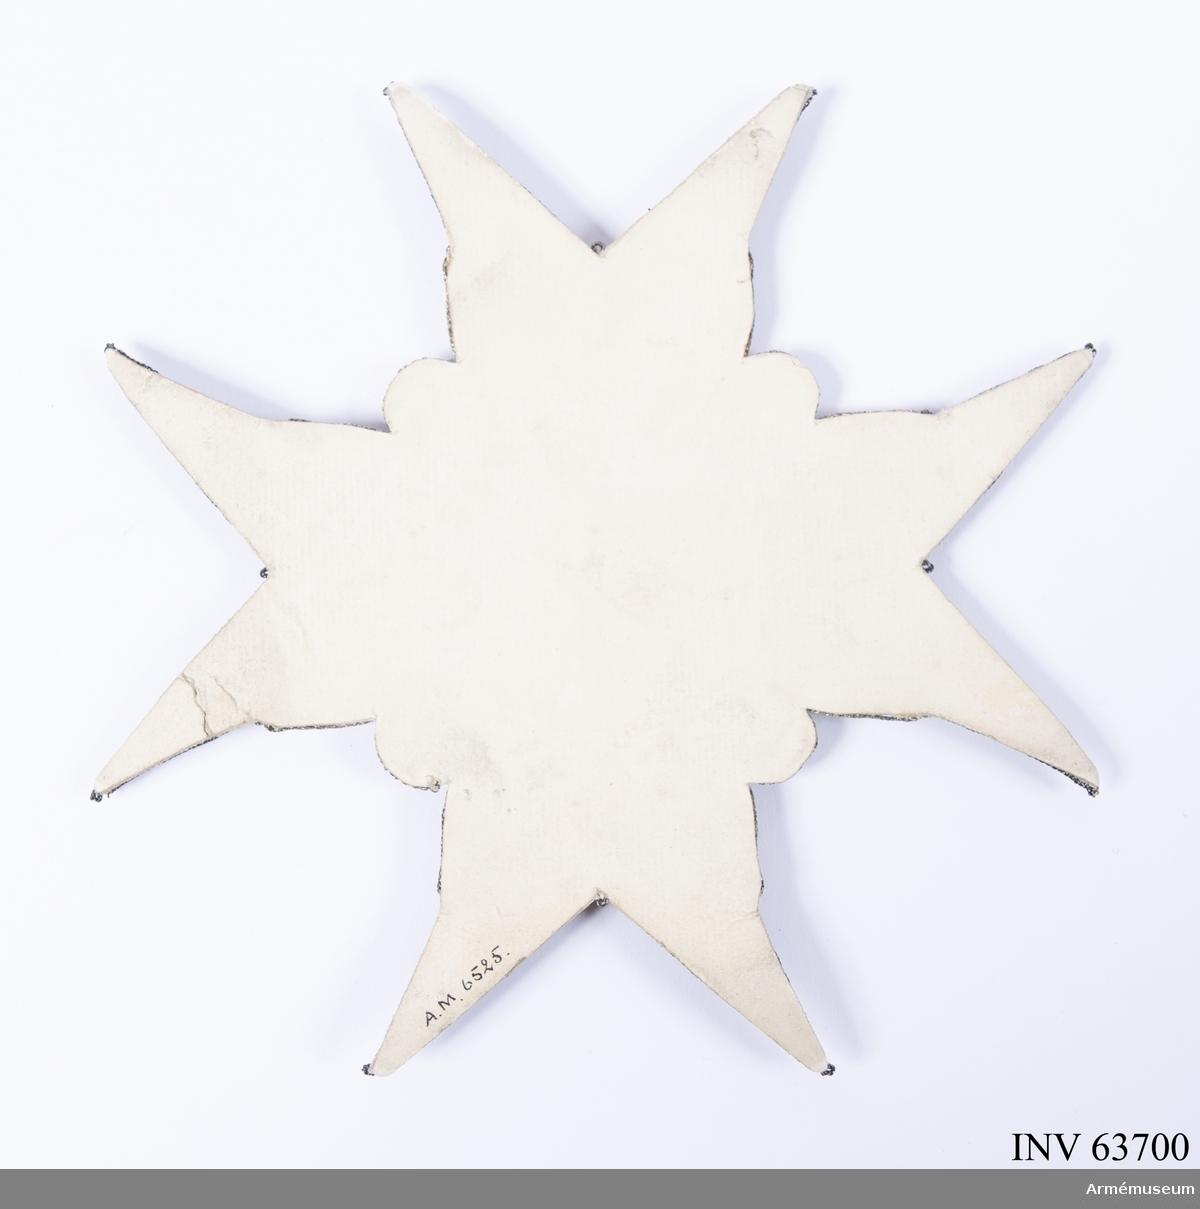 Grupp M II.   Ett St Georgekors av silverbrokad med djupt kluvna armar och mellan dem bevingade änglahuvuden.   I mitten en paljettkrans omgivande en gul glob av vattrat siden är broderat IHS (med ett kors ovanför H:et), samt Sveriges tre kronor.  Nedanför den nedersta kronan tre rosor på stjälkar.